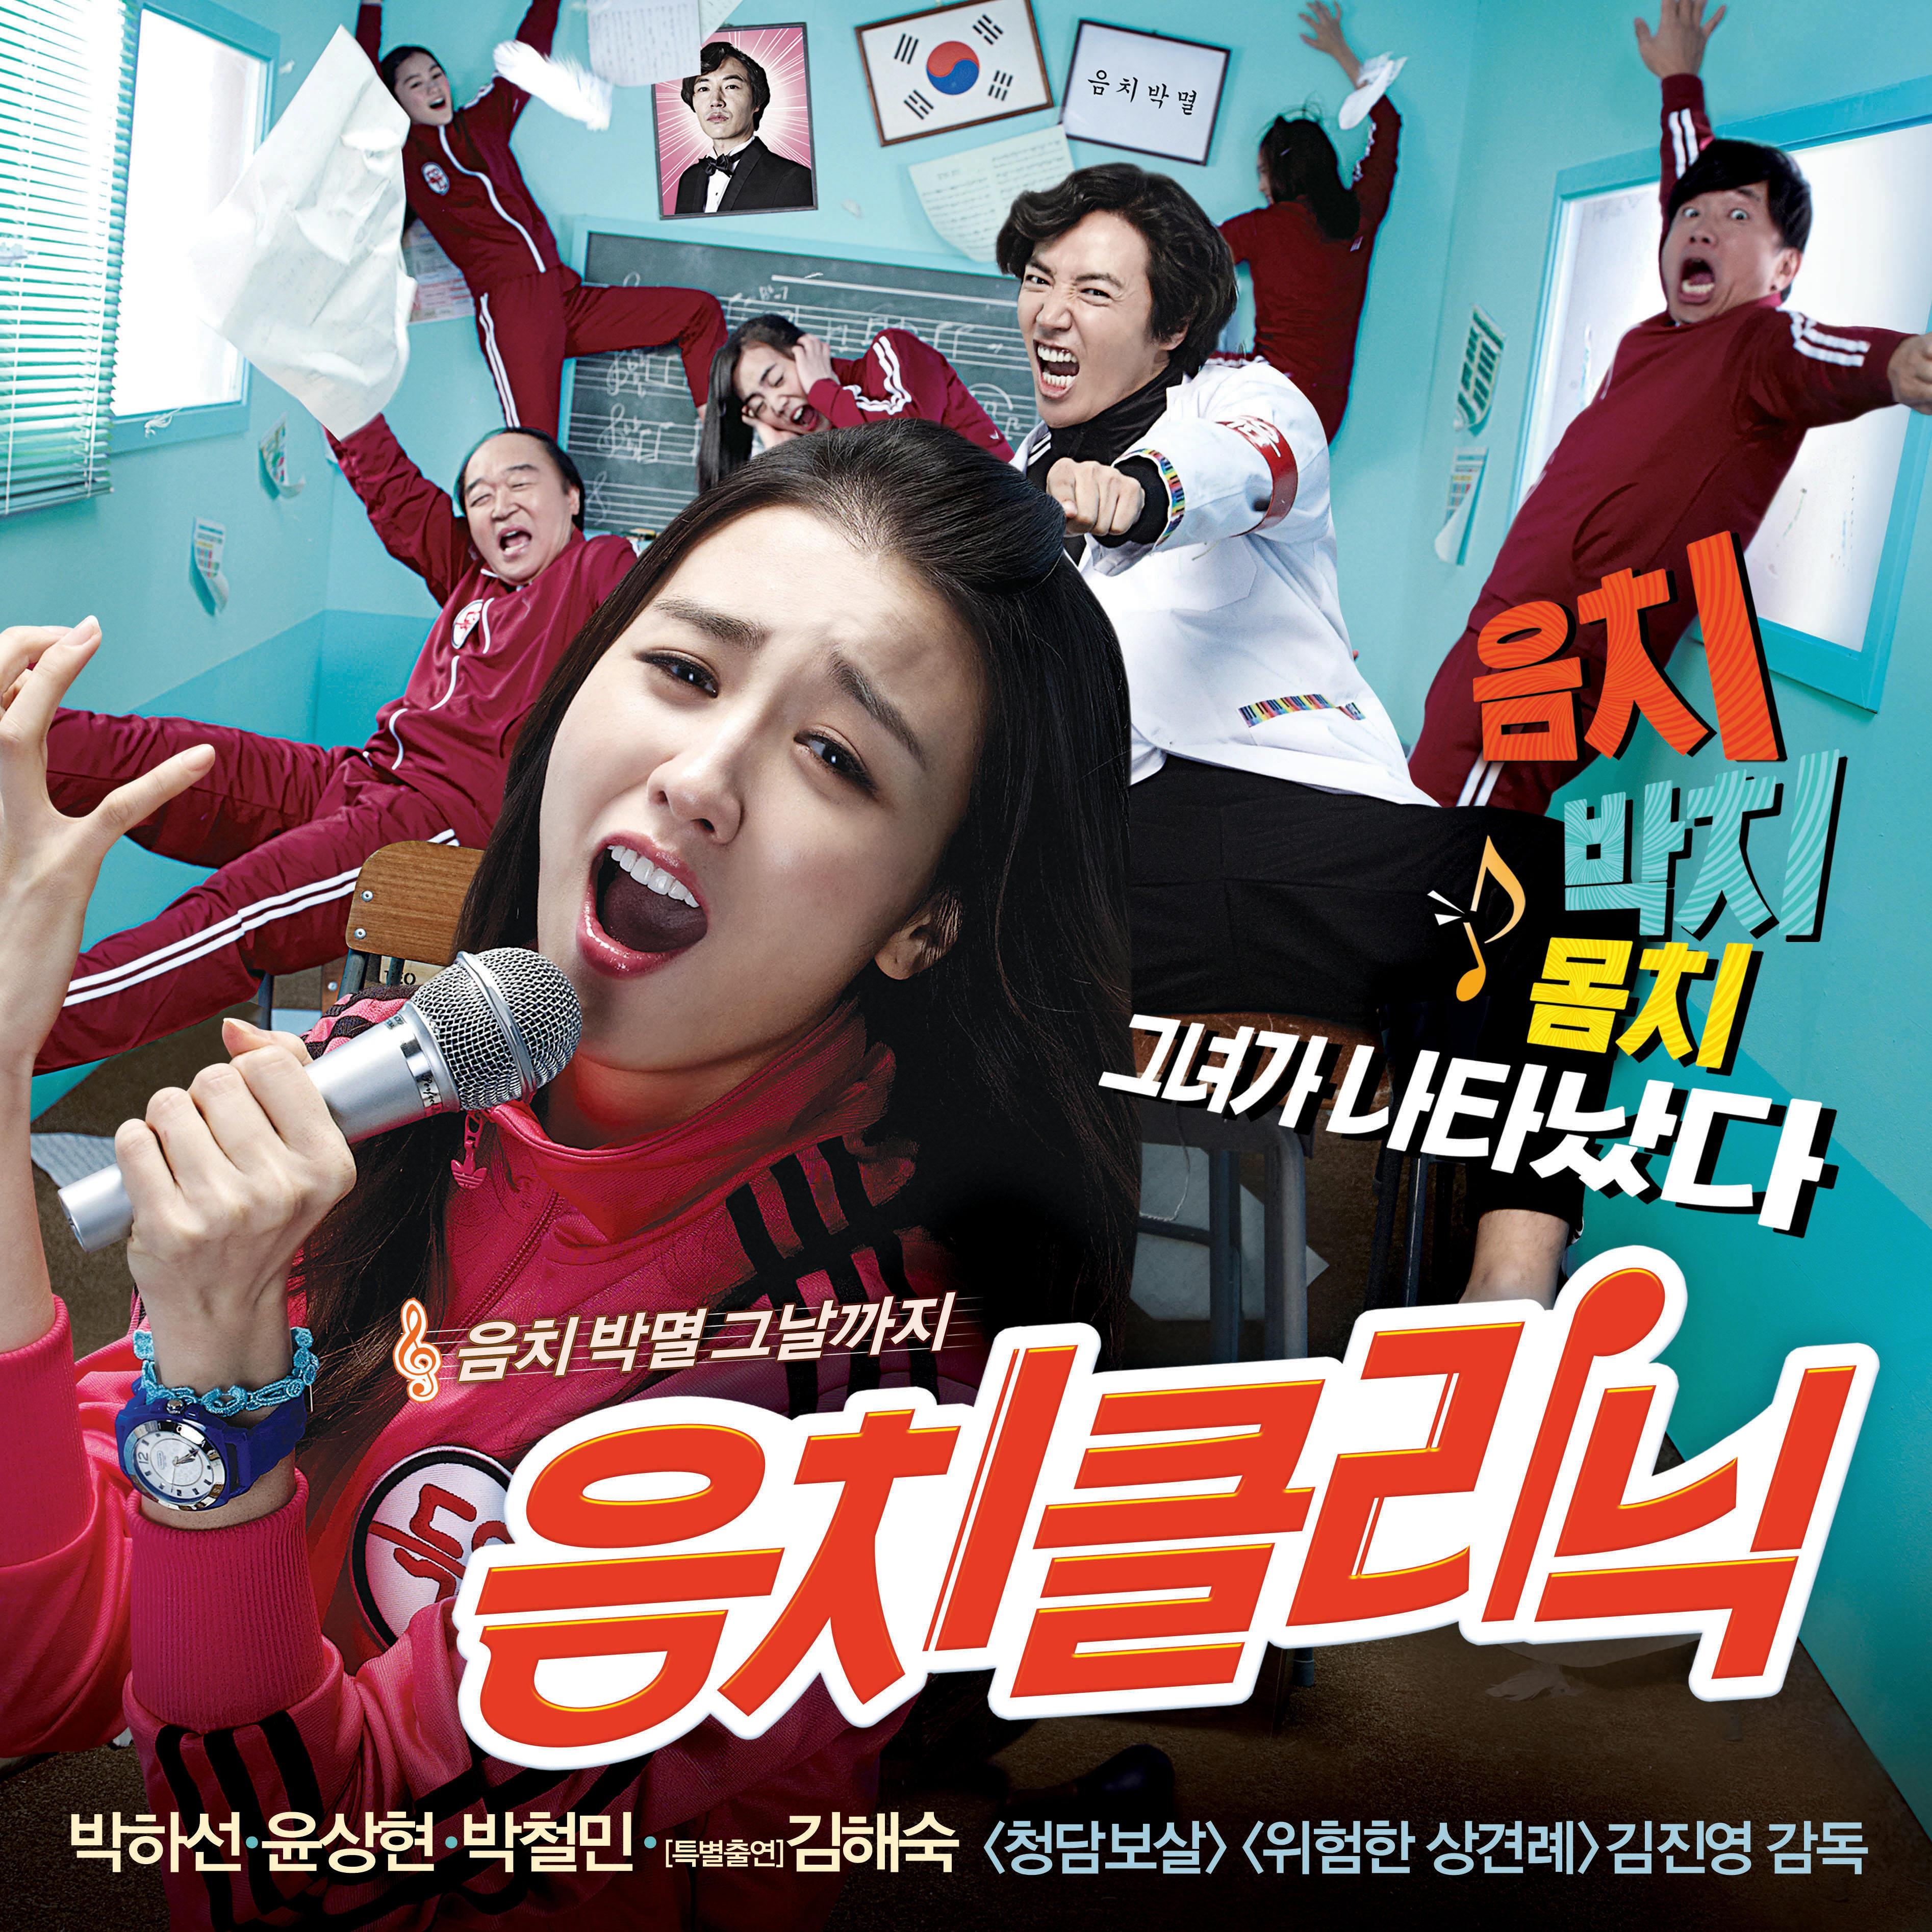 음치클리닉 Part.1 앨범정보